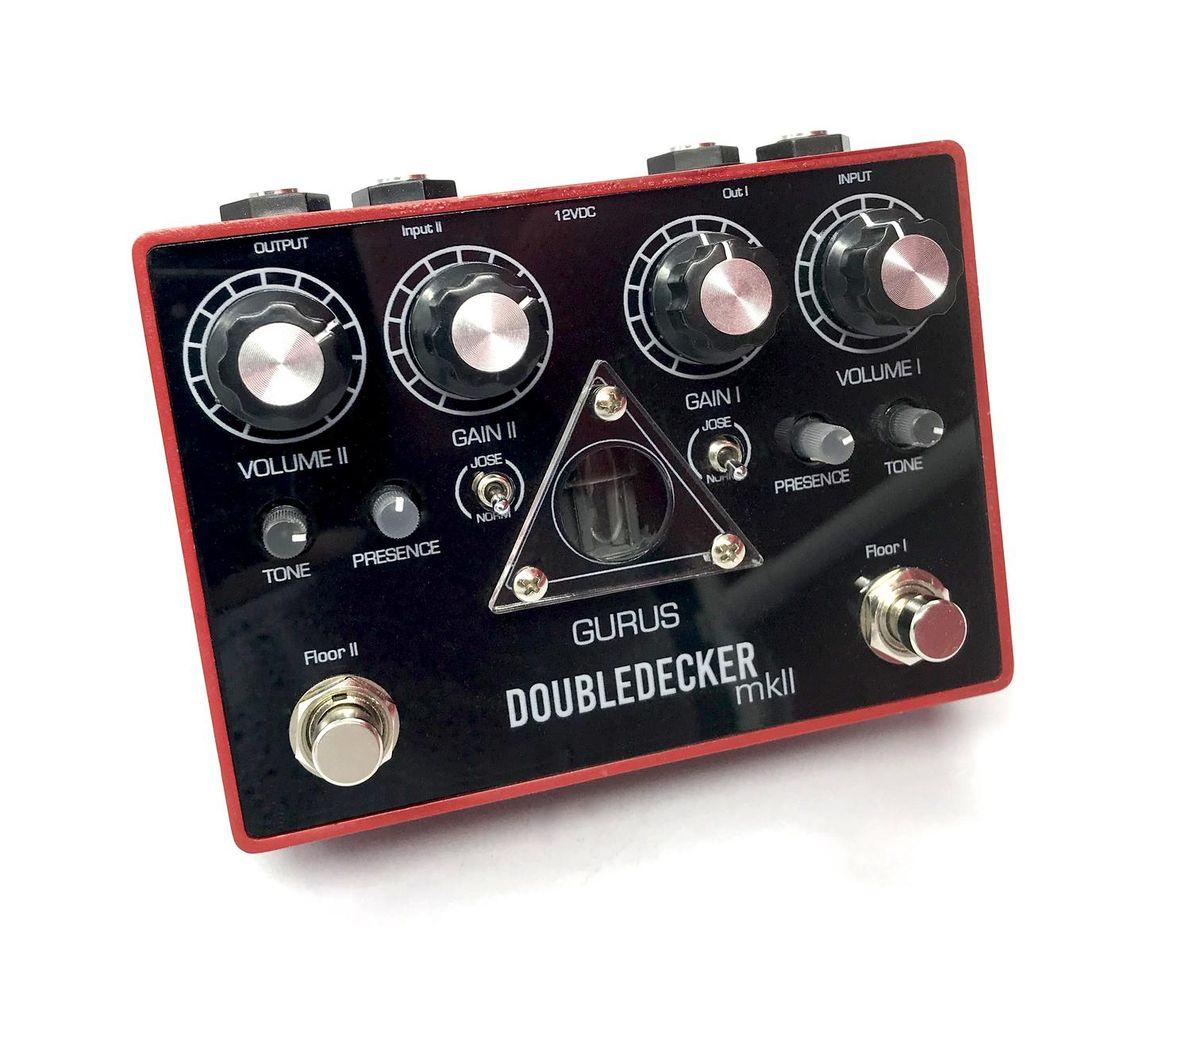 Gurus Doubledecker MkII